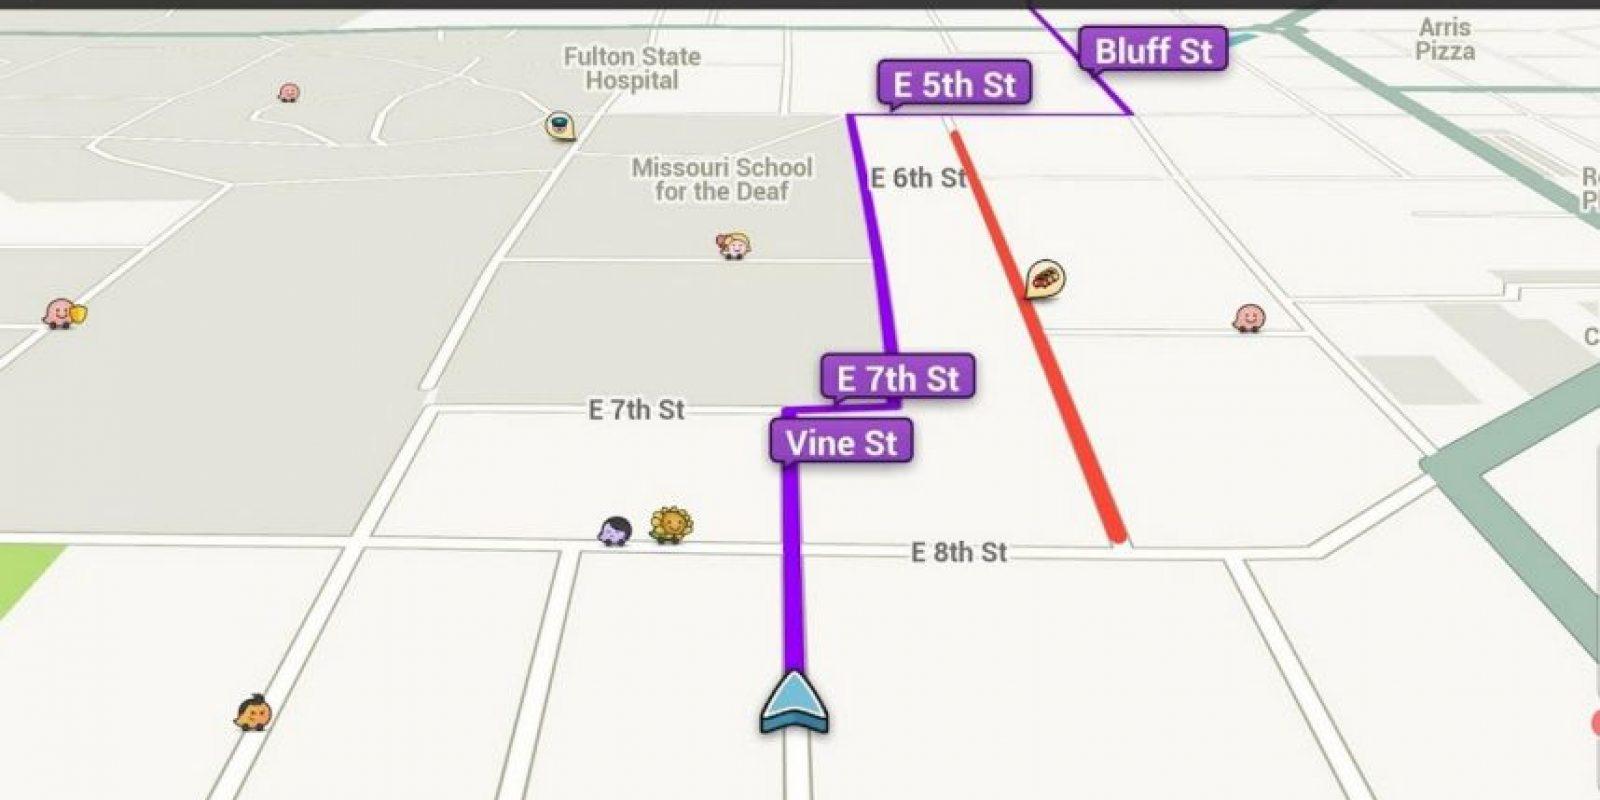 ETA (Estimed Time of Arrival) les permite calcular el tiempo estimado en que arribarán a su destino. Desde su PC también lo pueden hacer yendo al livemap, añadiendo su ubicación y su destino. Foto:Waze